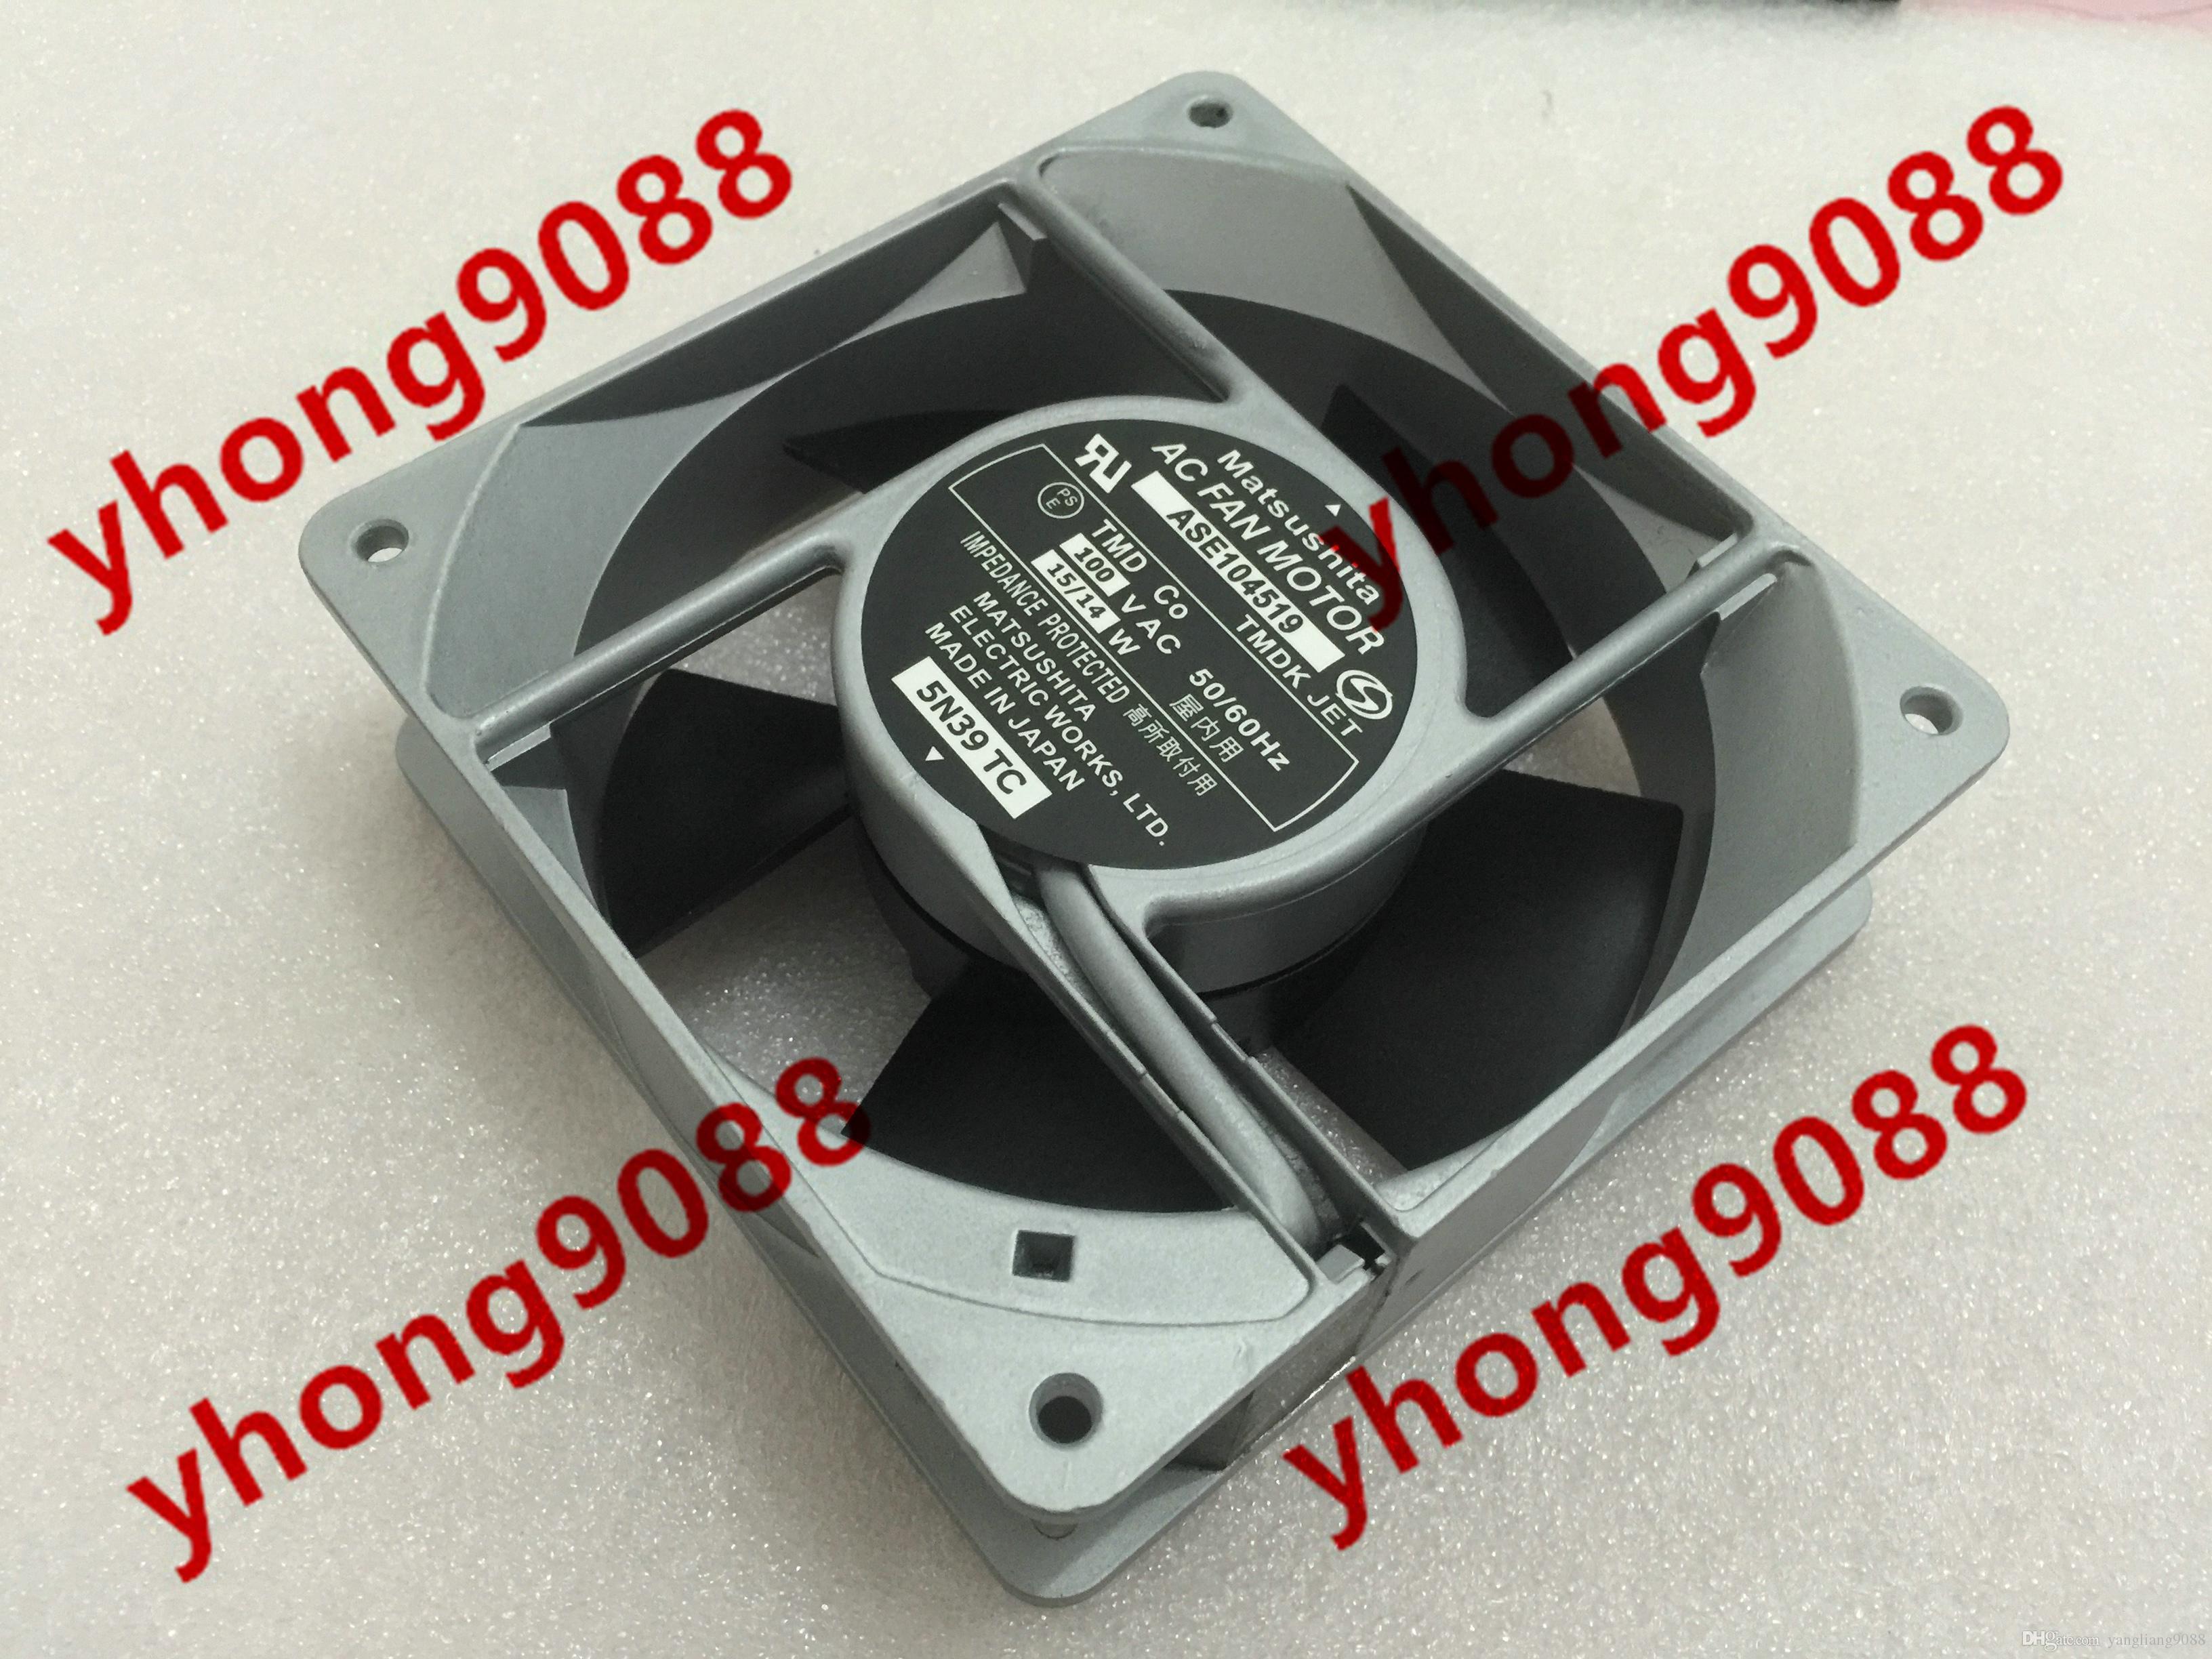 Spedizione gratuita ASE104519 AC 100V 15 / 14W 120x120x38mm Server Square Ventola di raffreddamento